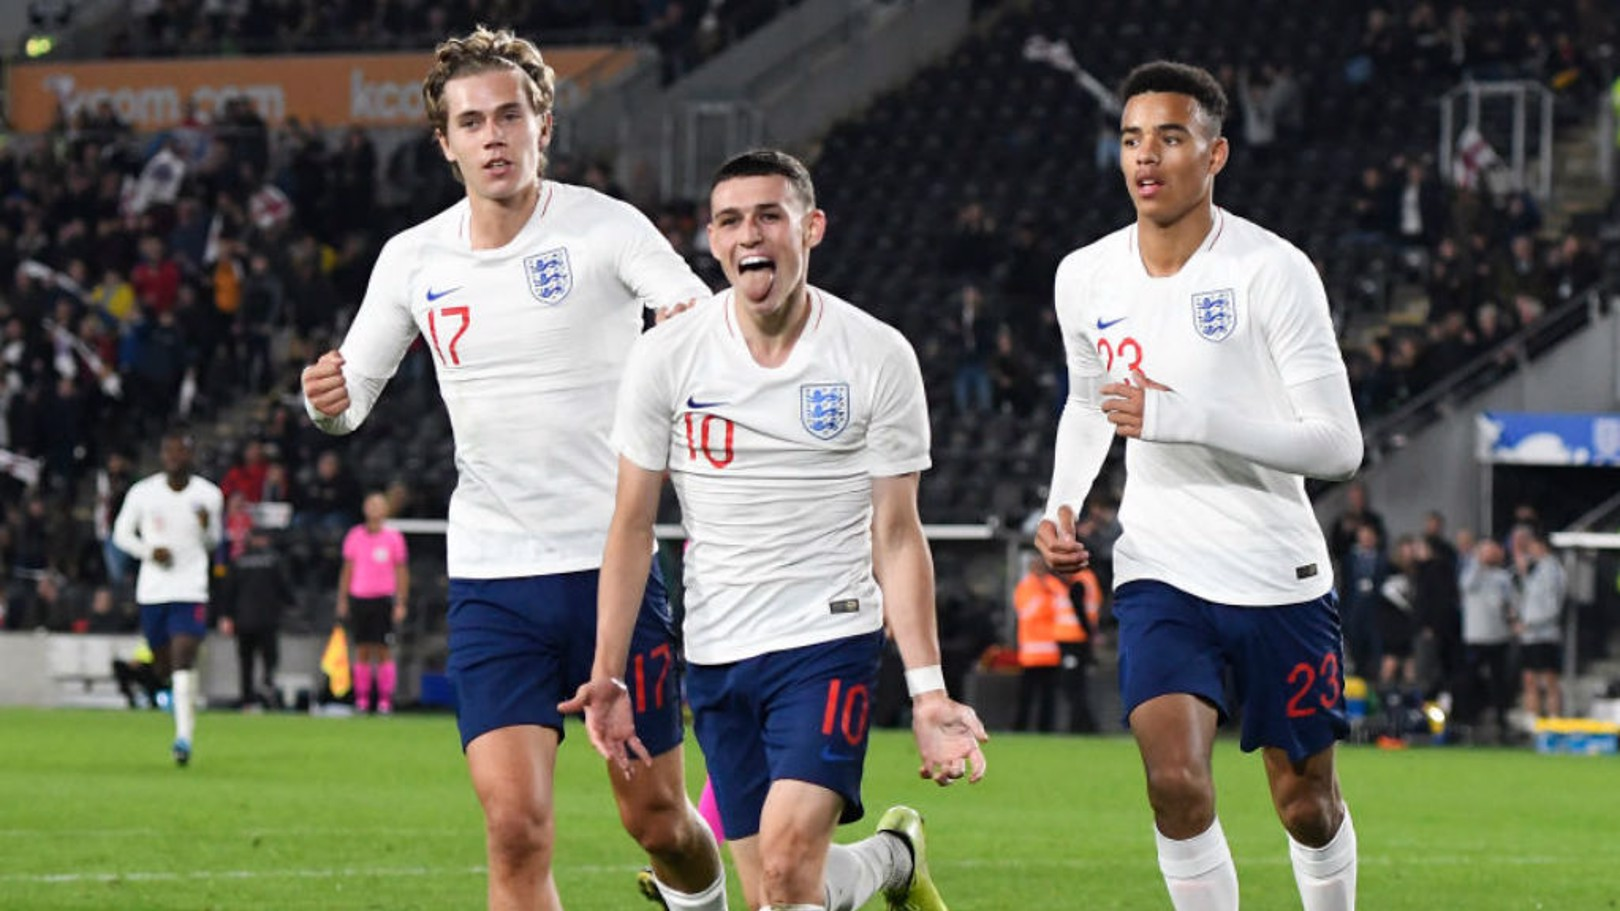 잉글랜드 21세 이하팀 경기에서 선제골을 기록한 필 포덴